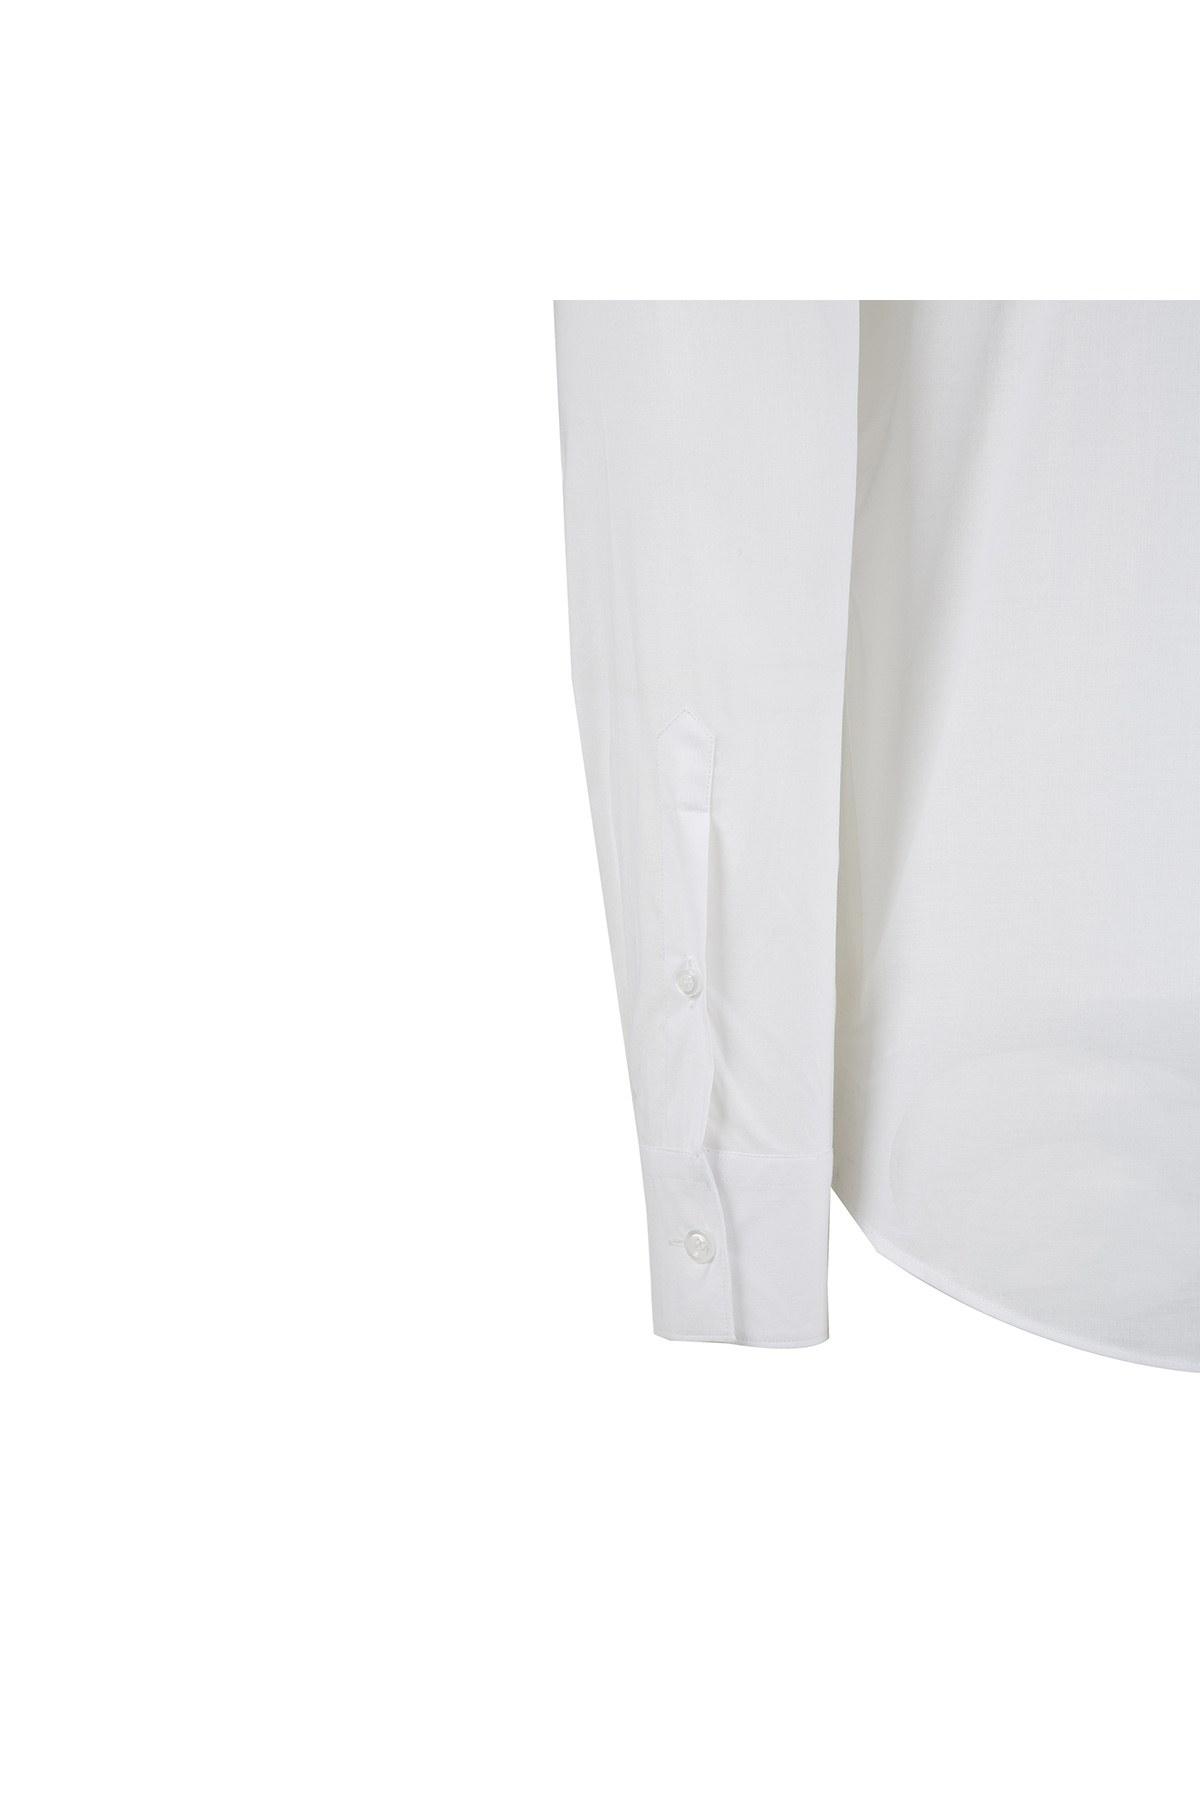 EMPORIO ARMANI Erkek Gömlek W1CC2T W134C 102 BEYAZ